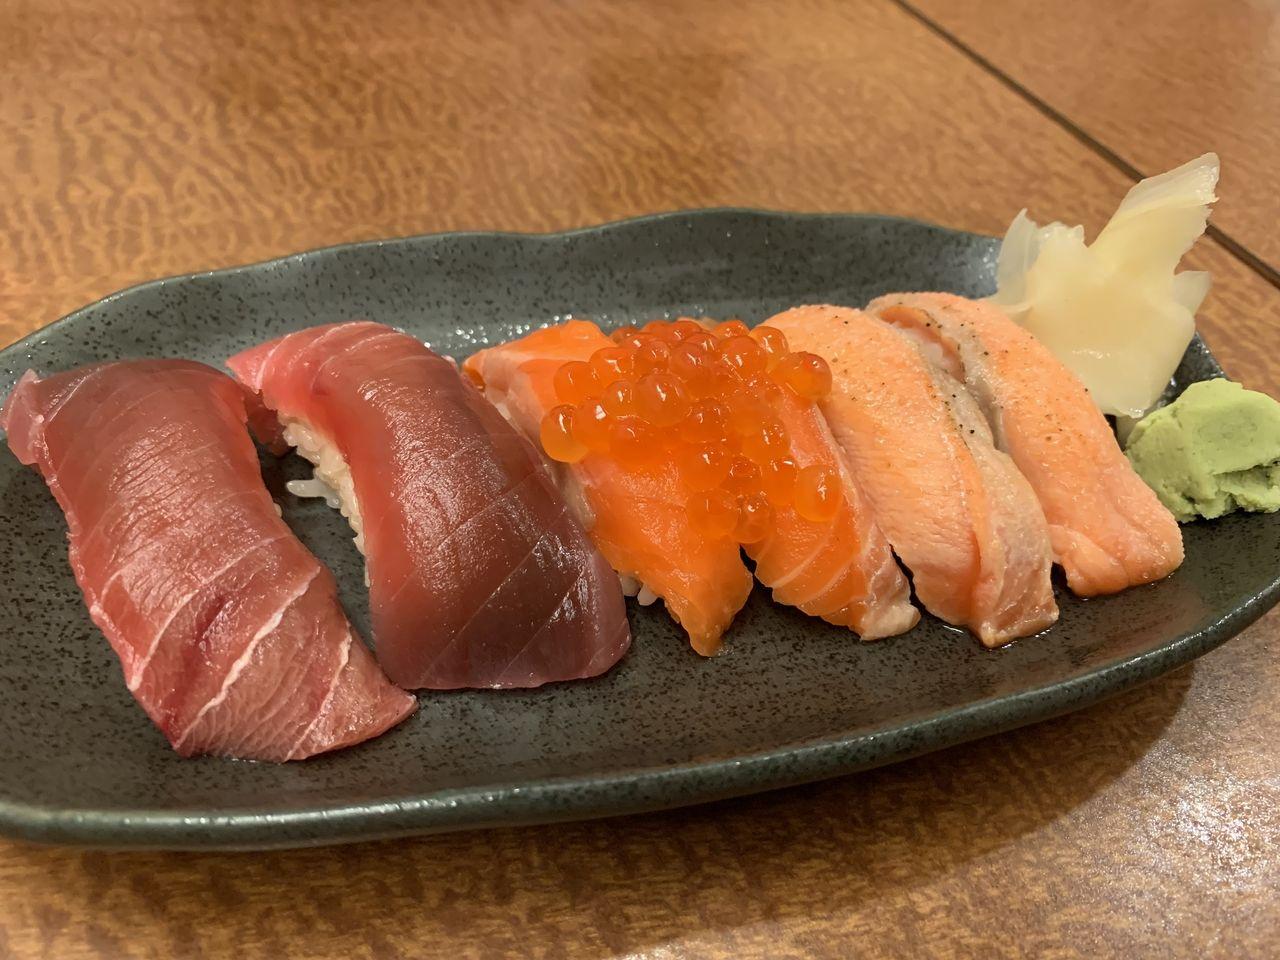 【三郷市食べ歩きブログ】いつもお世話になっている三郷市早稲田2丁目にある「ニッパチ」さんが看板もメニューもリニューアルしたので行った来ました!